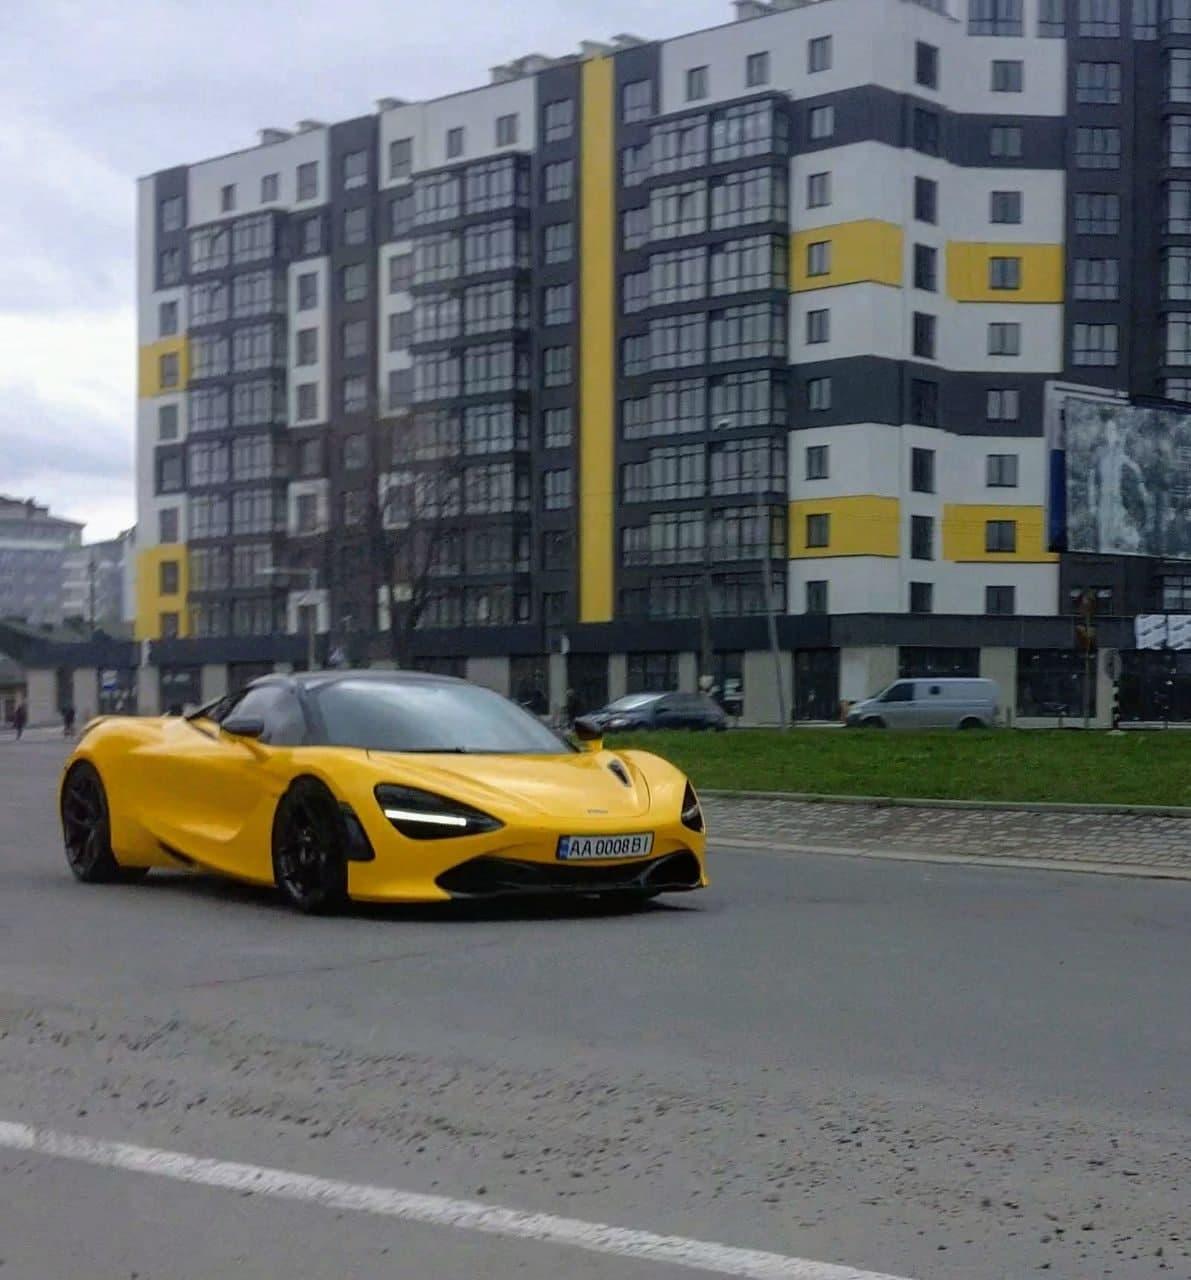 У Франківську з'явився елітний спорткар McLaren, водія вже оштрафували місцеві патрульні (ФОТО)